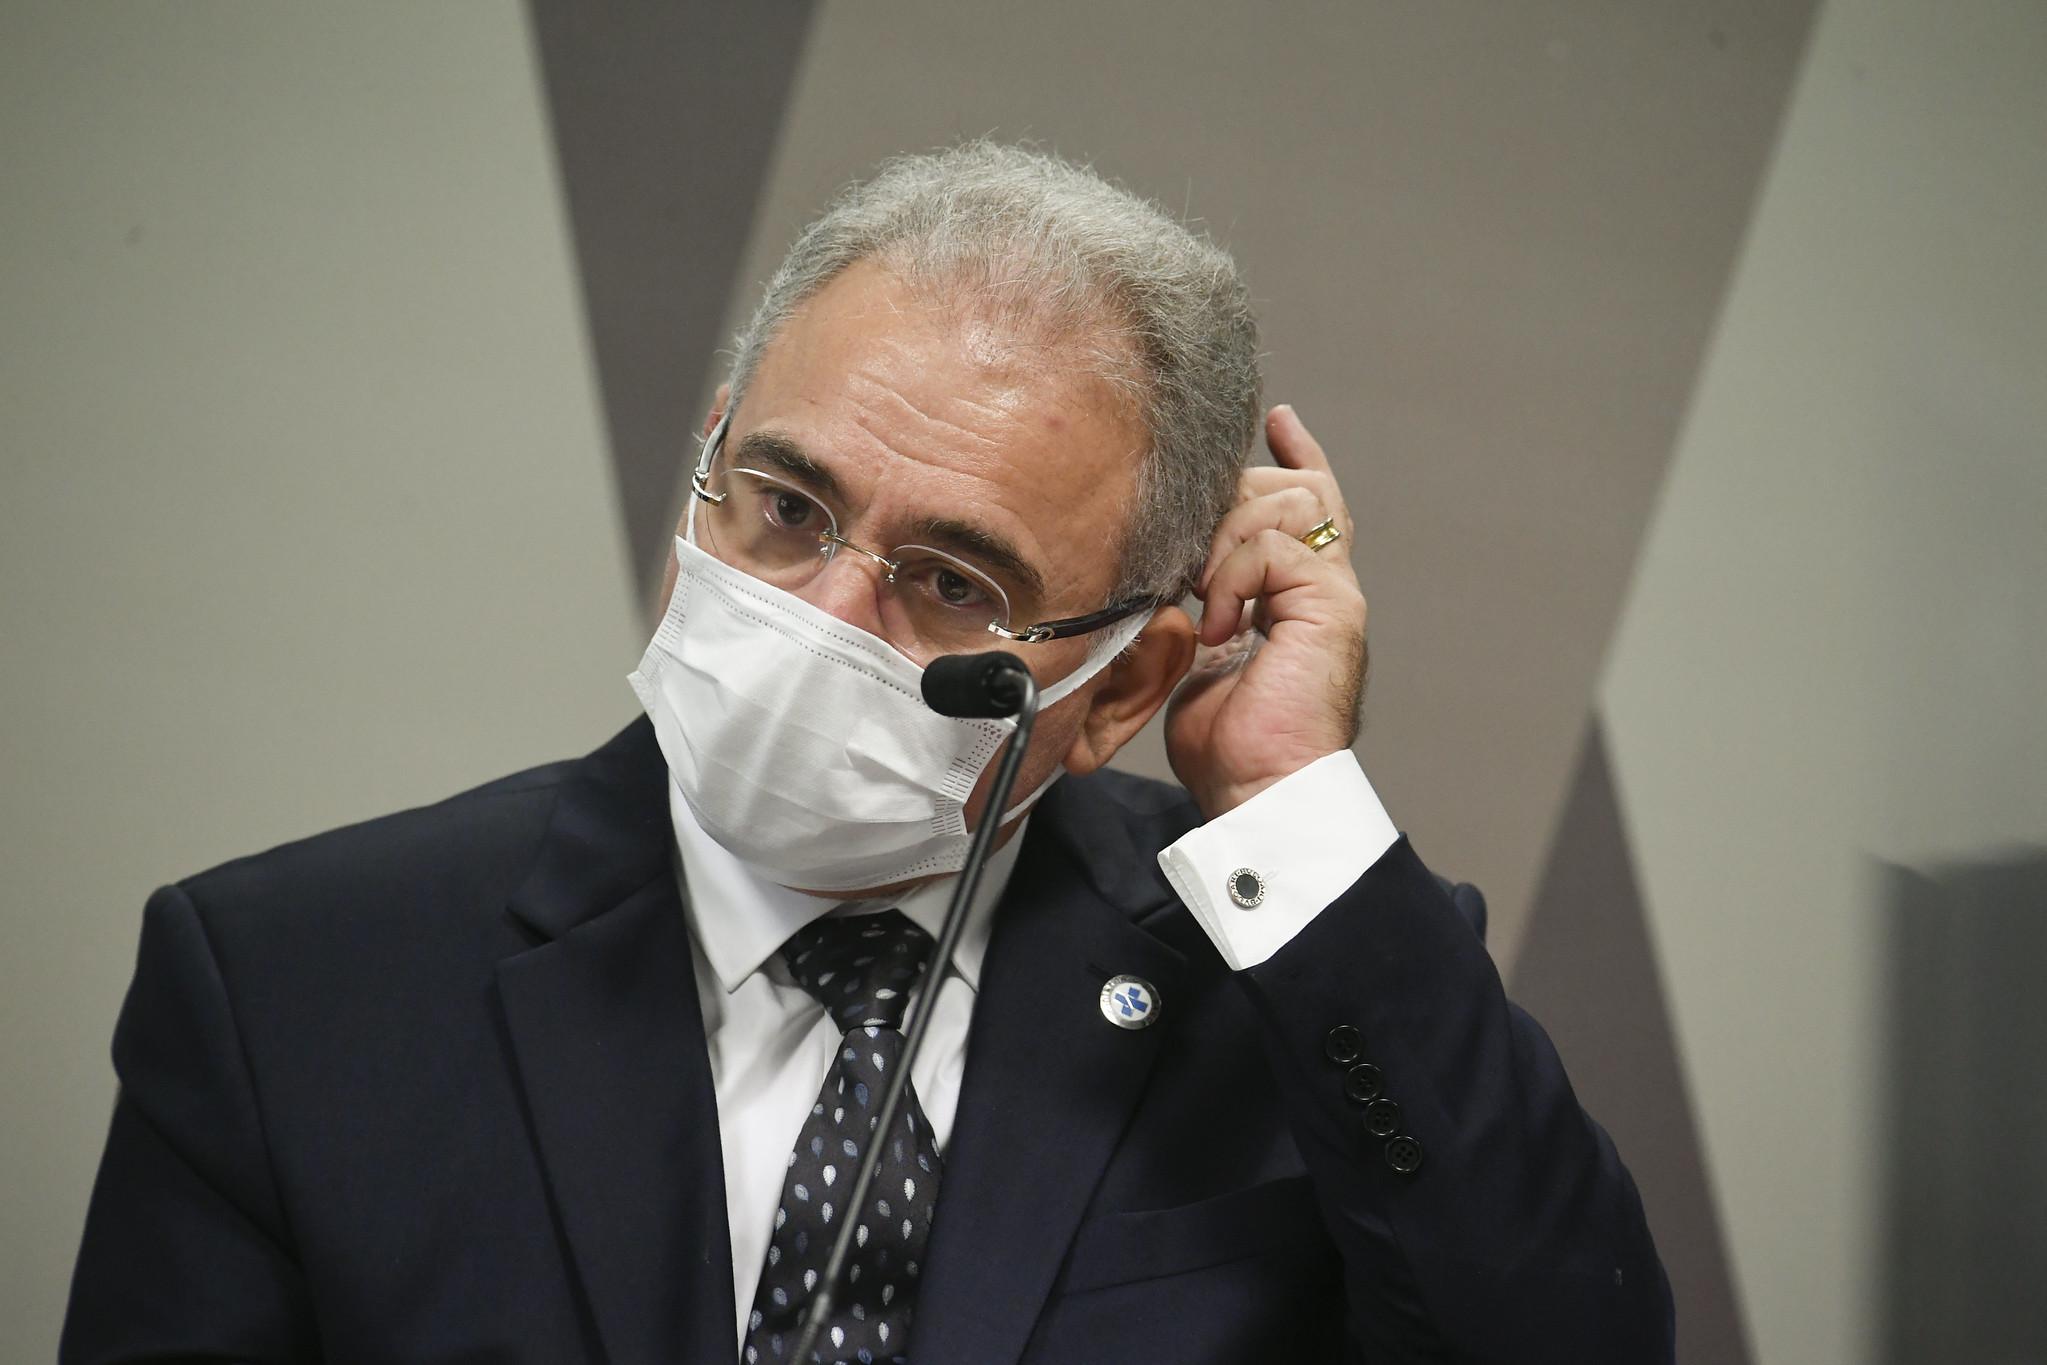 IMAGEM: Aliados de Bolsonaro criticam investigação de Queiroga e calam sobre Pazuello